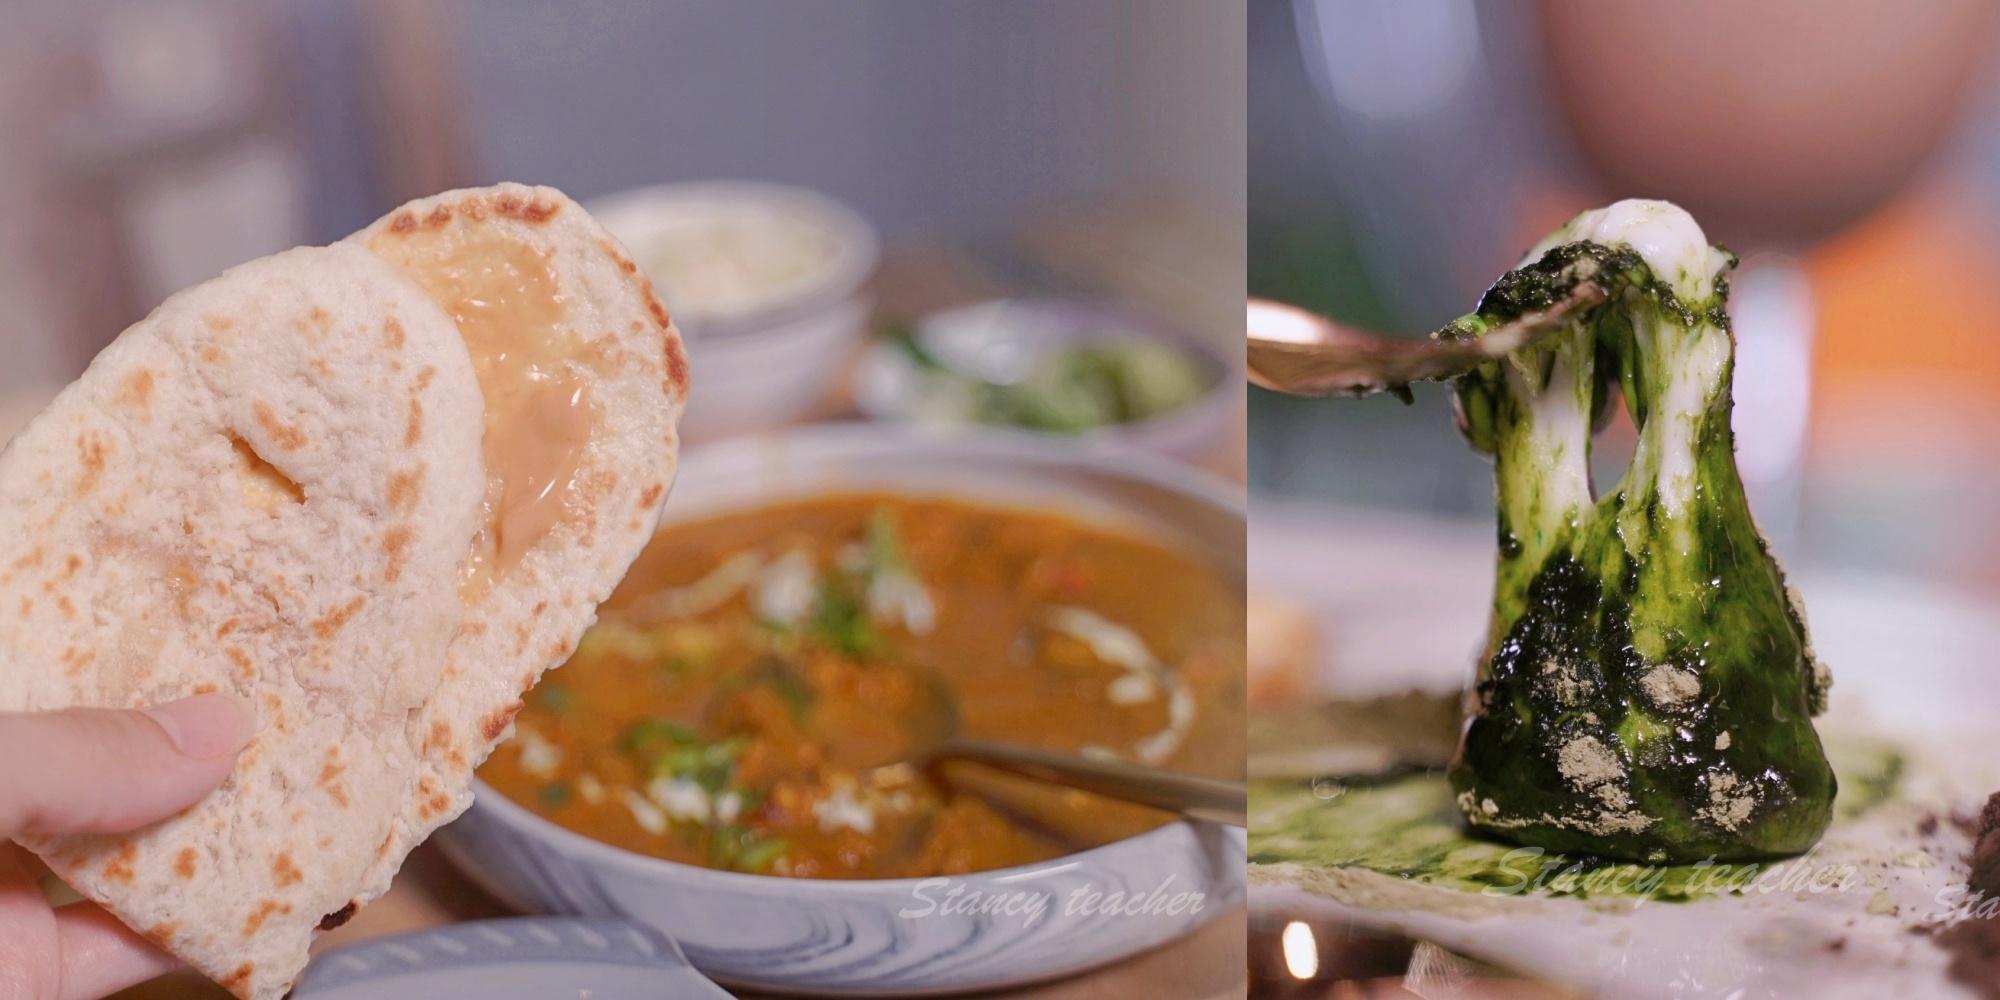 淡水美食推薦|幸田屋手做鮮奶麻糬|淡水好吃麻糬|淡水銅板美食|淡水必吃甜點|淡大美食(菜單、價格)